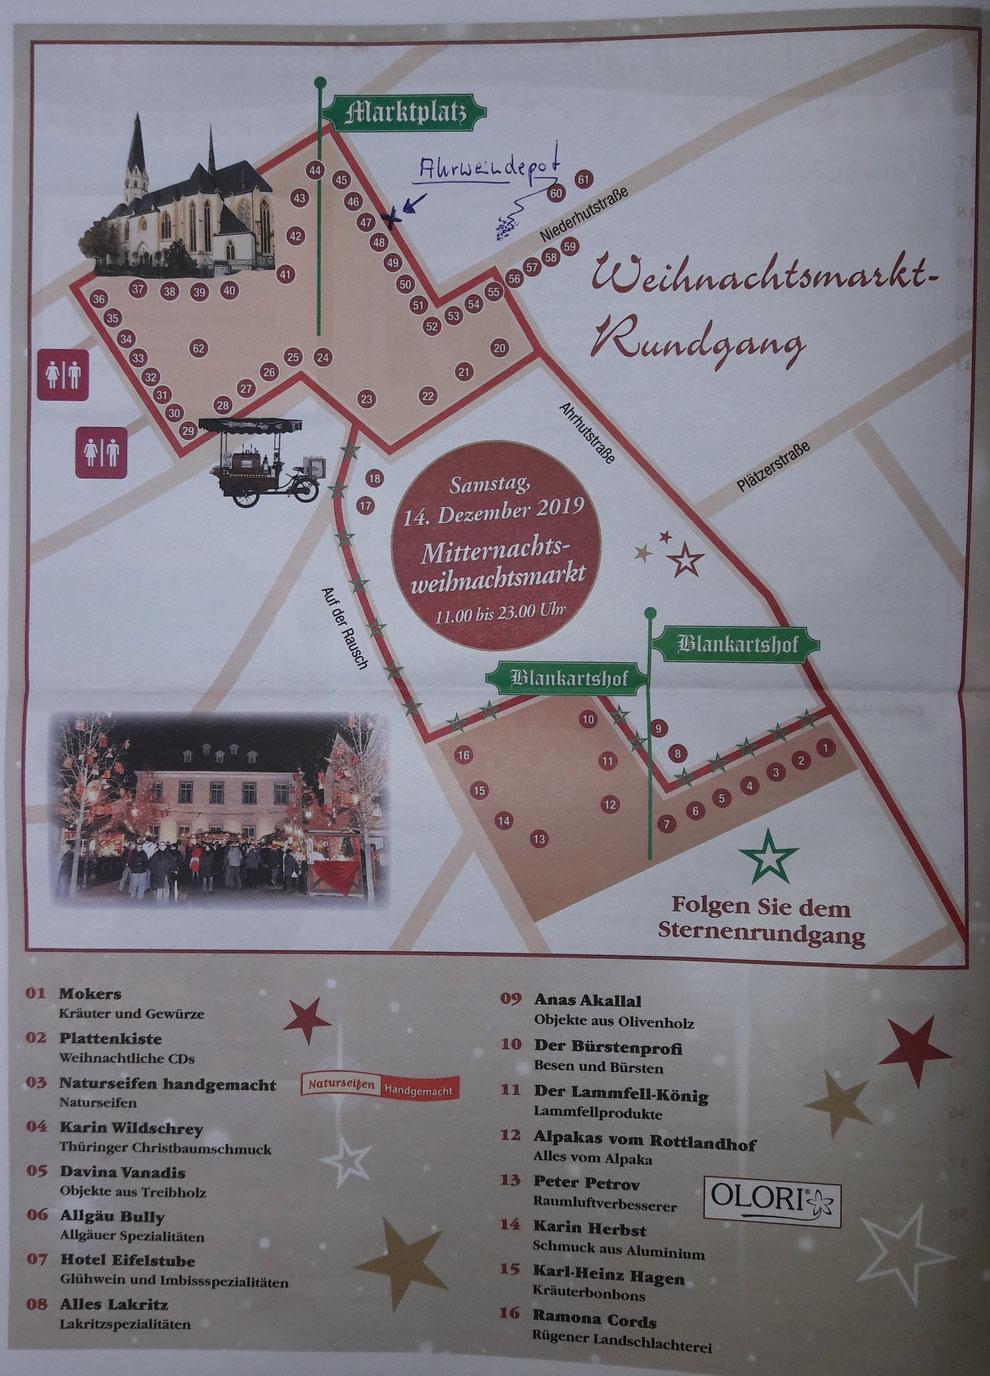 Der Lageplan über die Aussteller des Ahrweiler Weihnachtsmarktes.